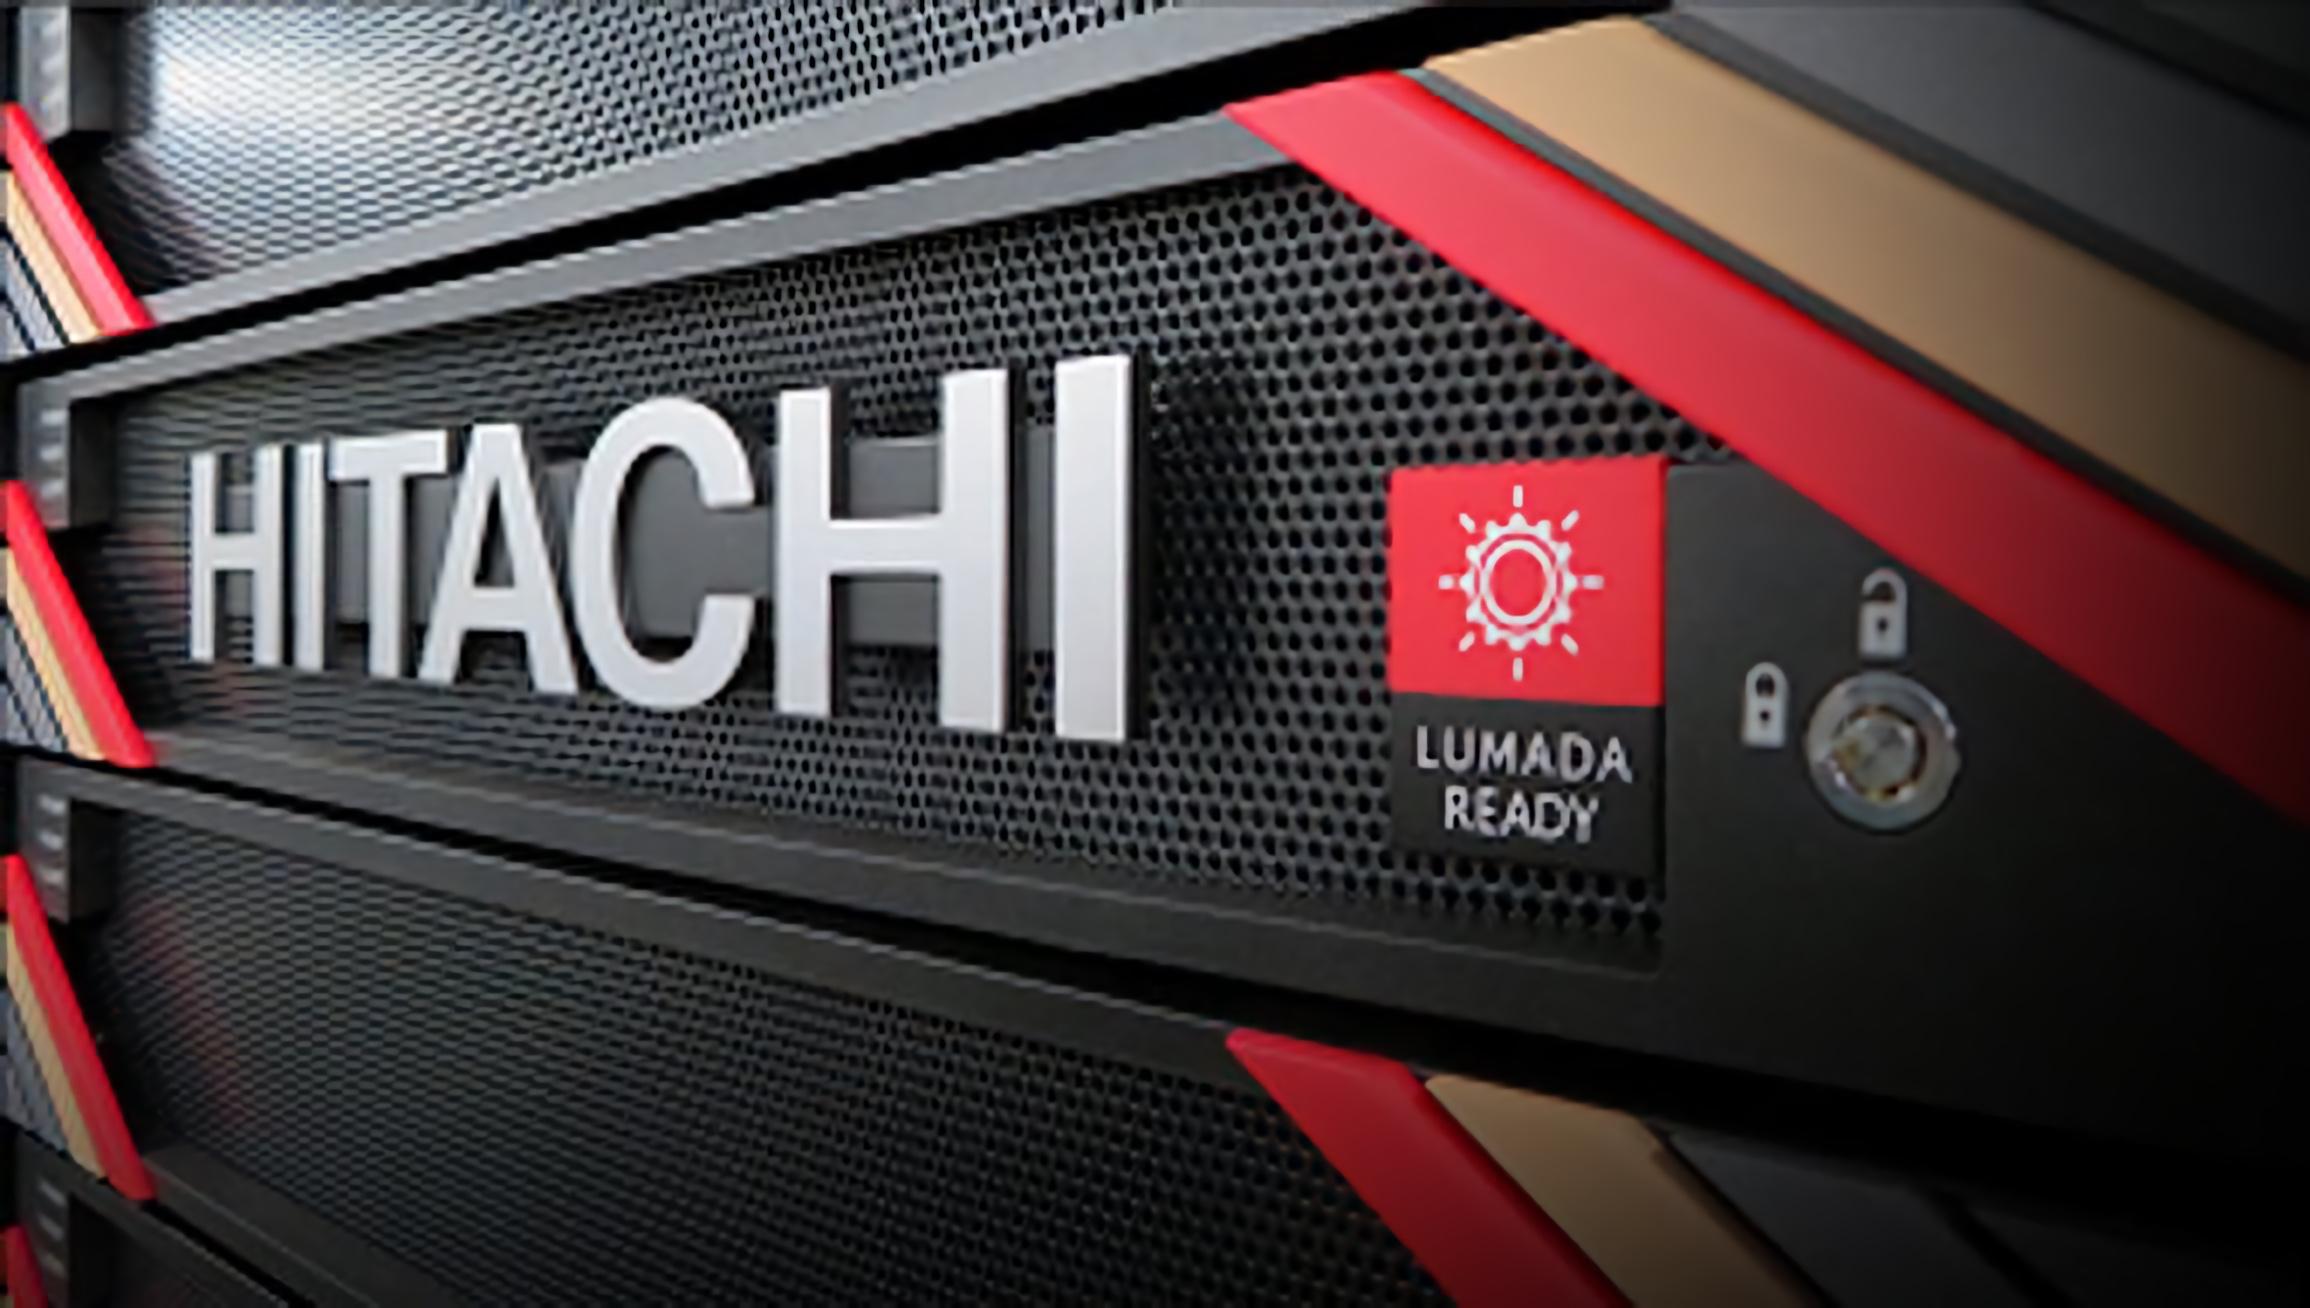 Hitachi VSP 5000